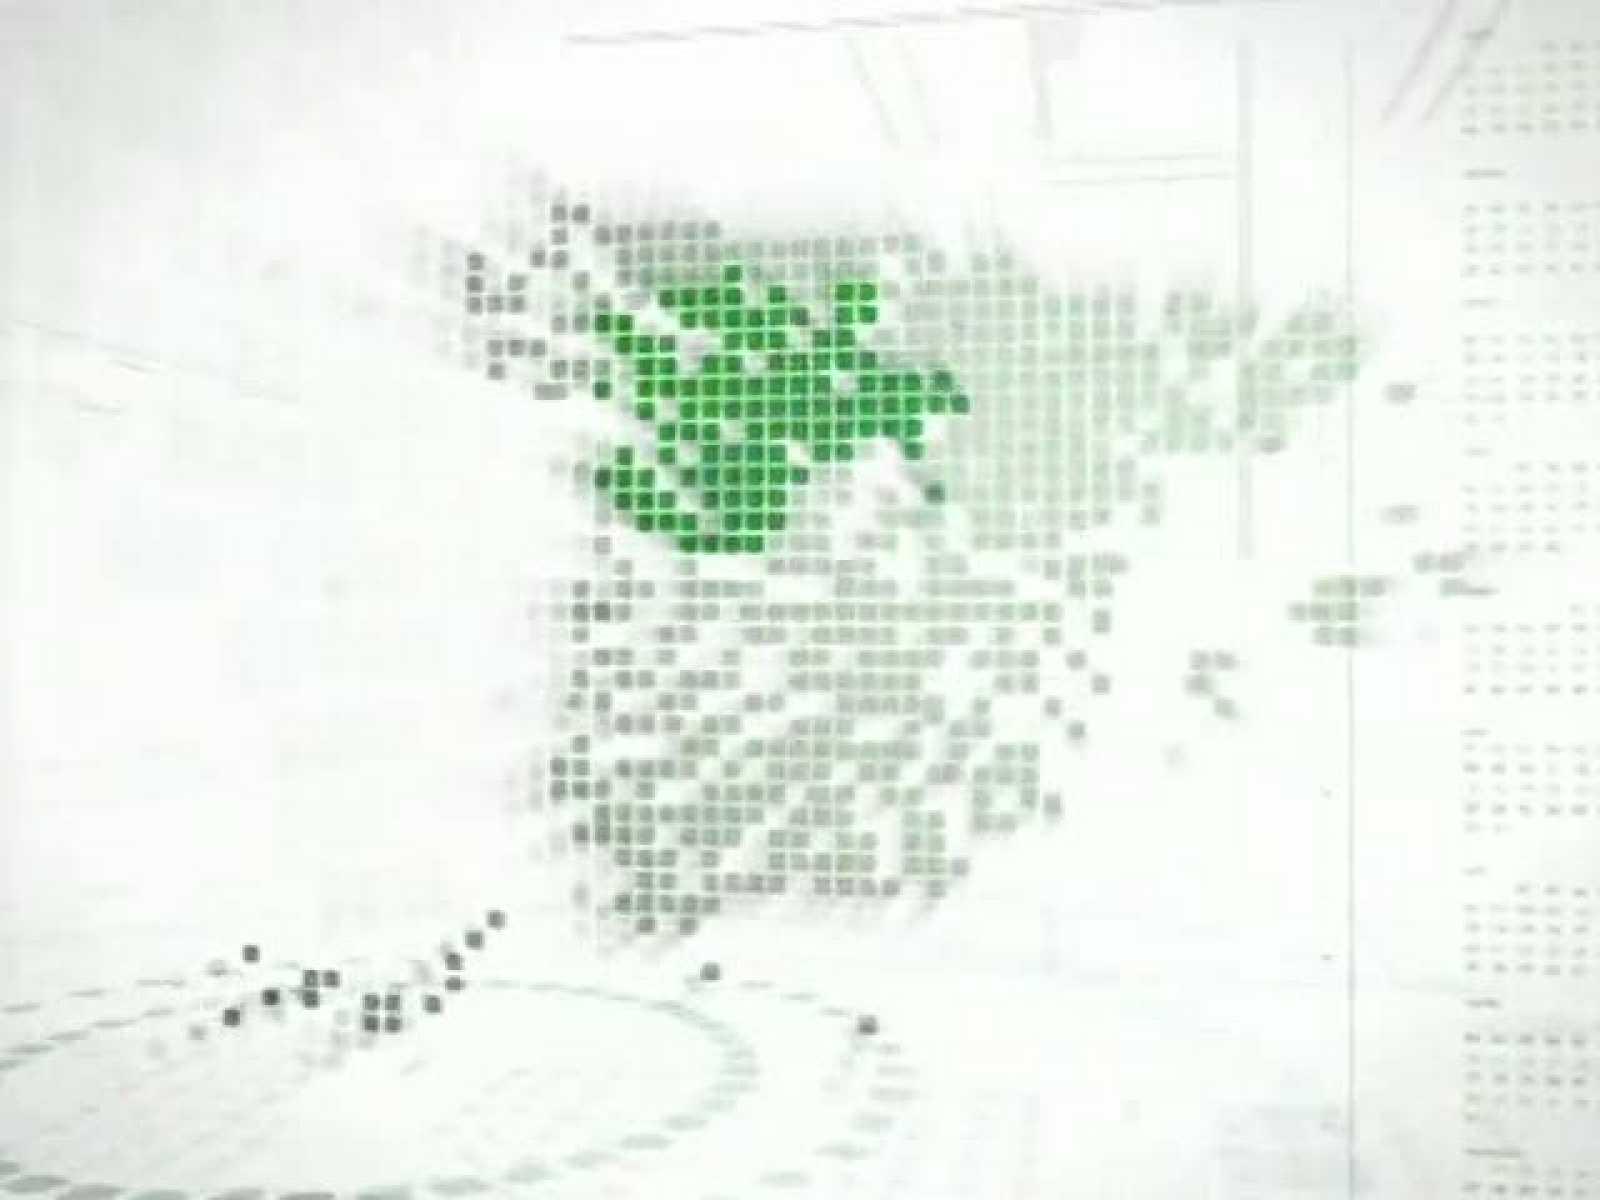 Noticias Castilla y León. Informativo Territorial de Castilla y León. (09/11/10)